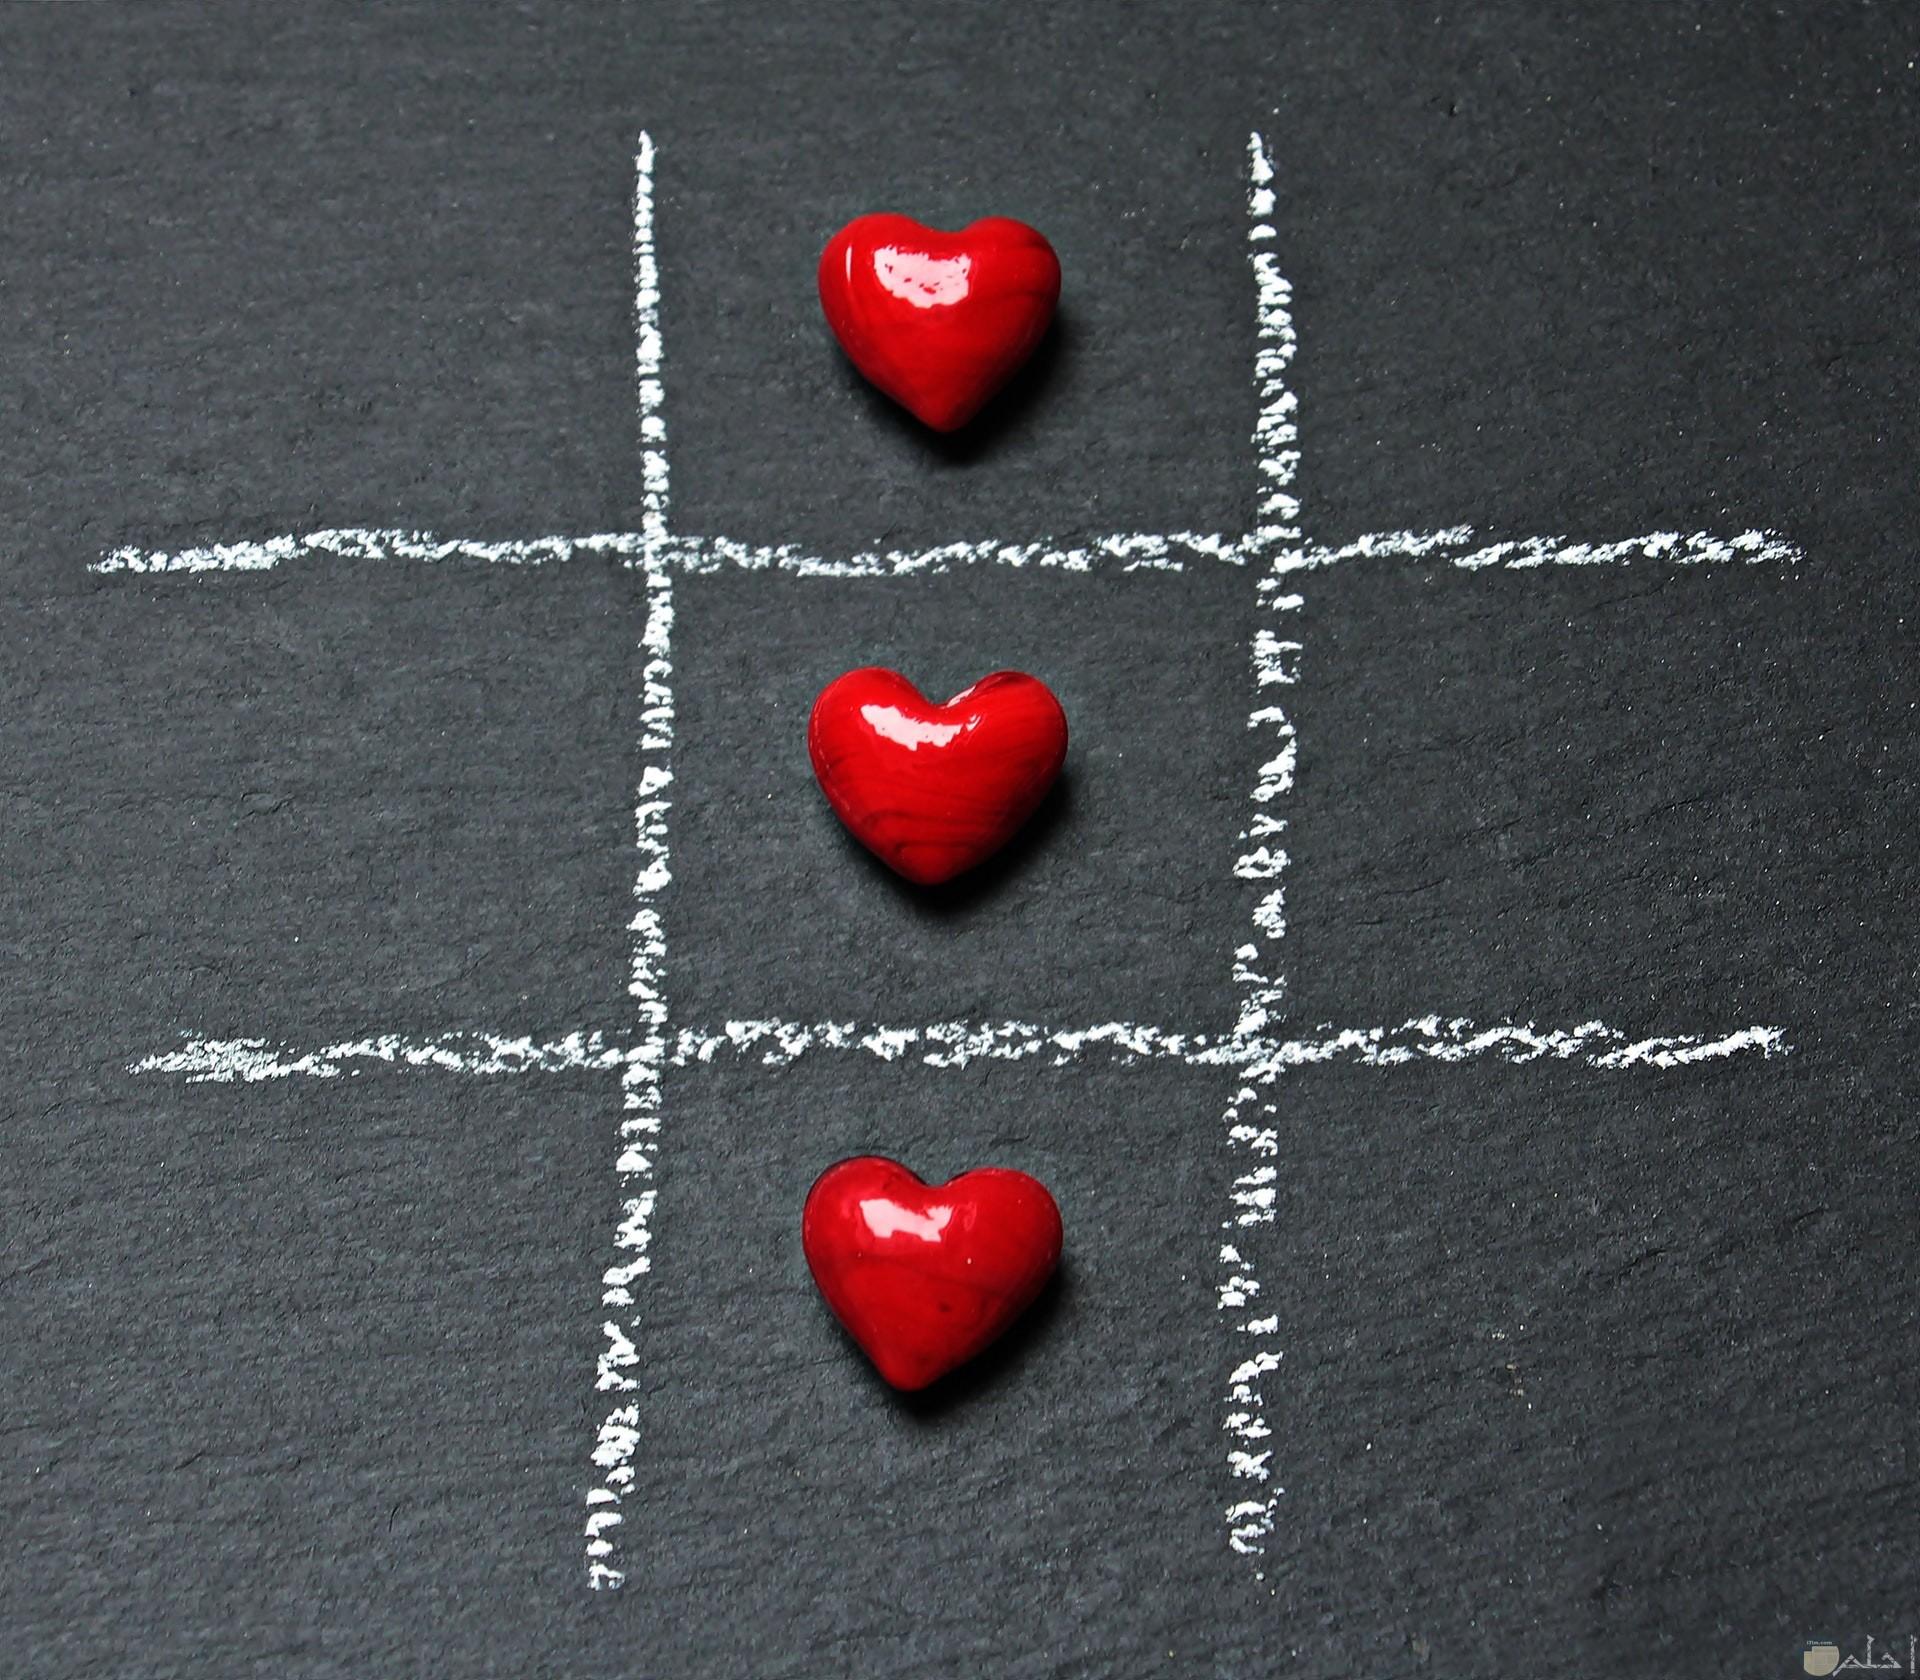 صورة قلوب حمراء جميلة متراصة في صف واحد في لعبه اكس او